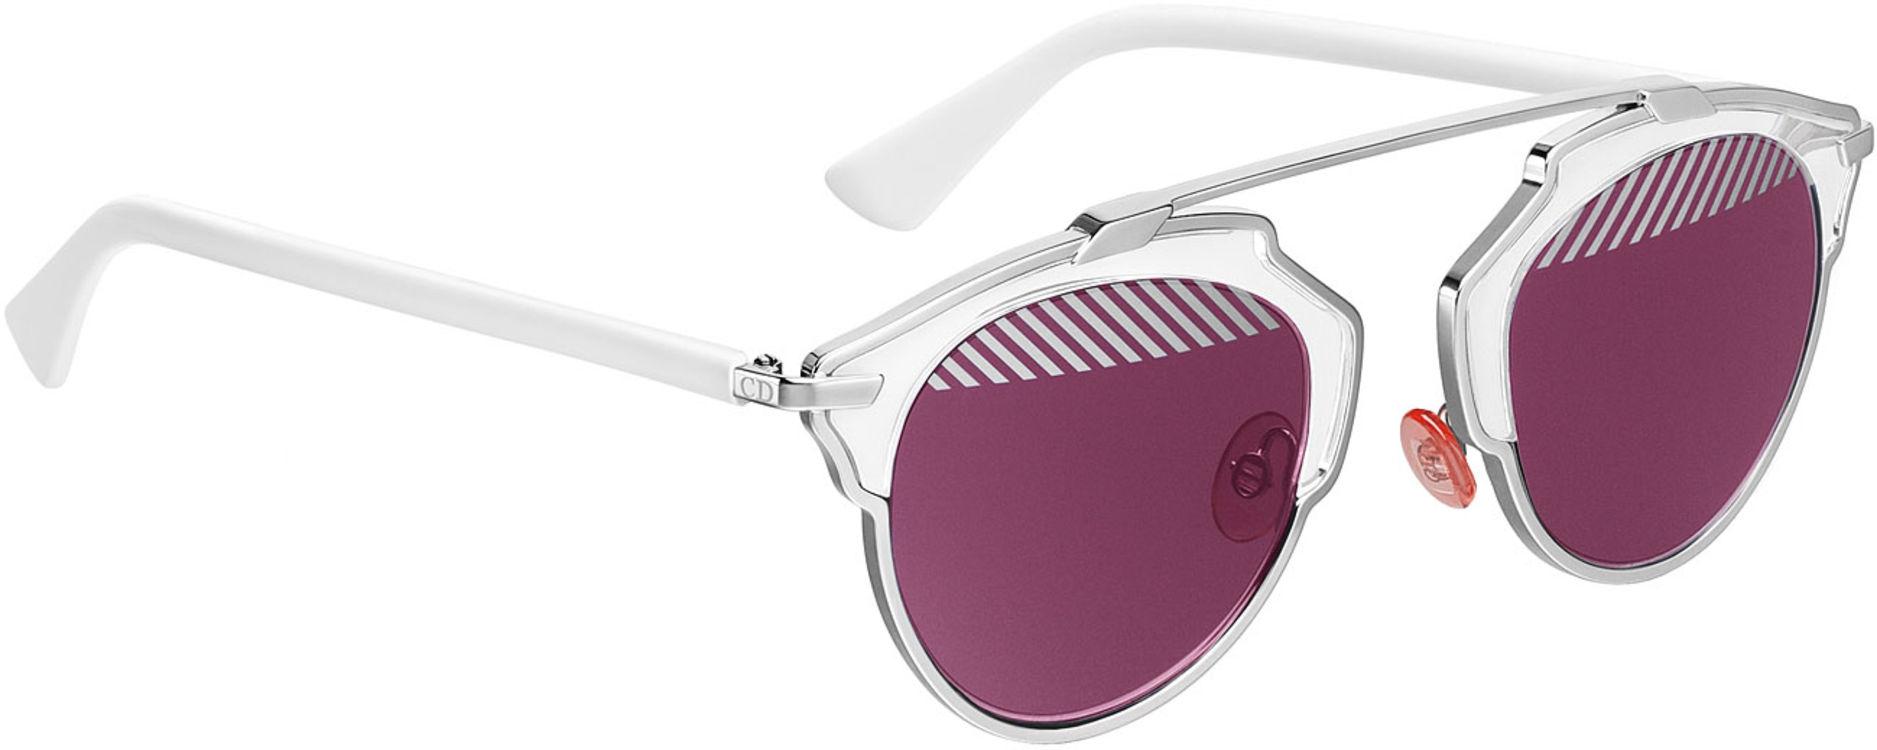 Dior Eyewear (Image 2)